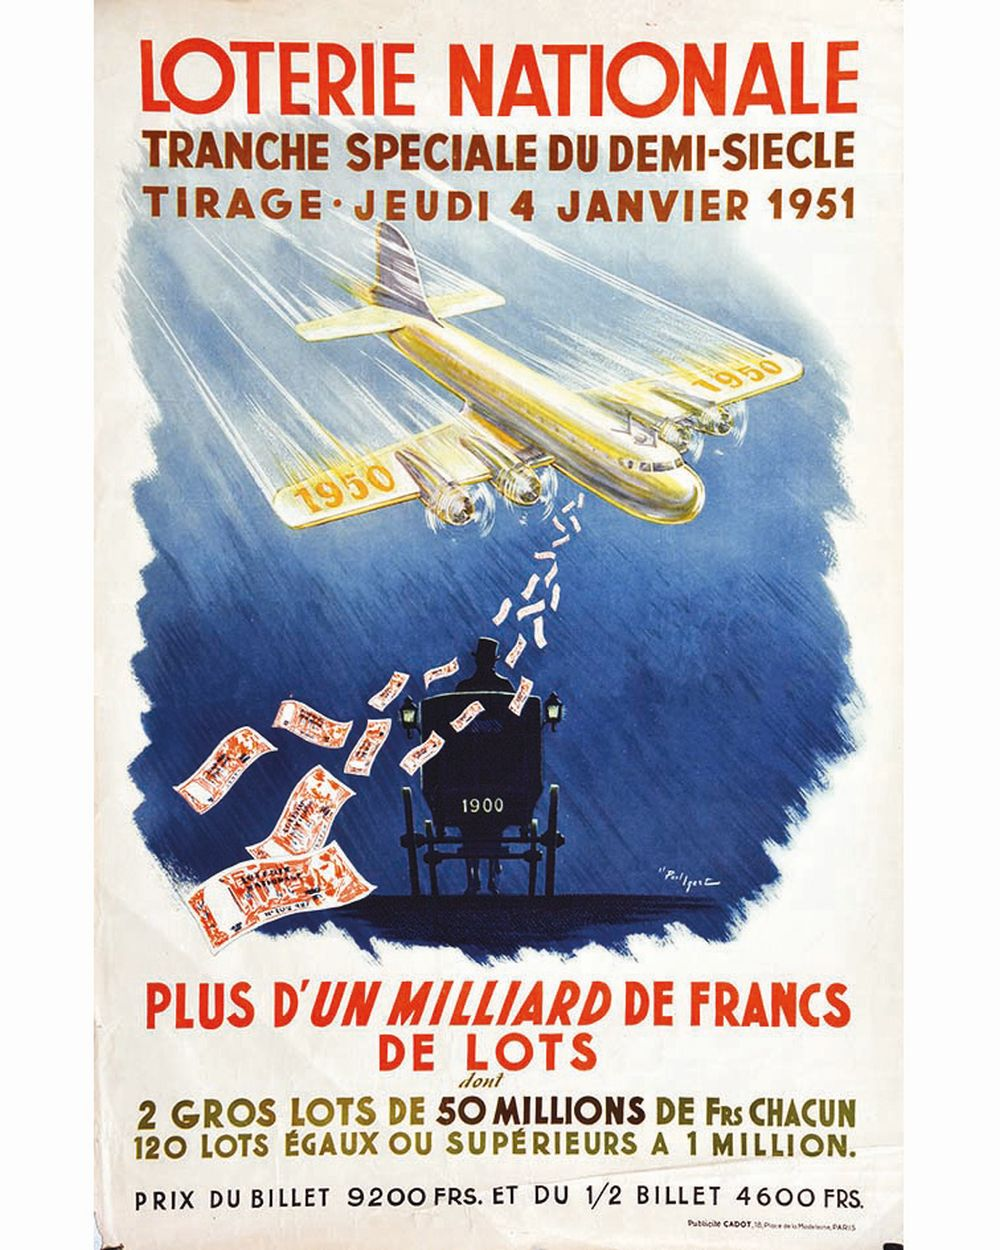 IGERT PAUL - Tranche Spéciale du Demi Siècle Loterie Nationale     1951